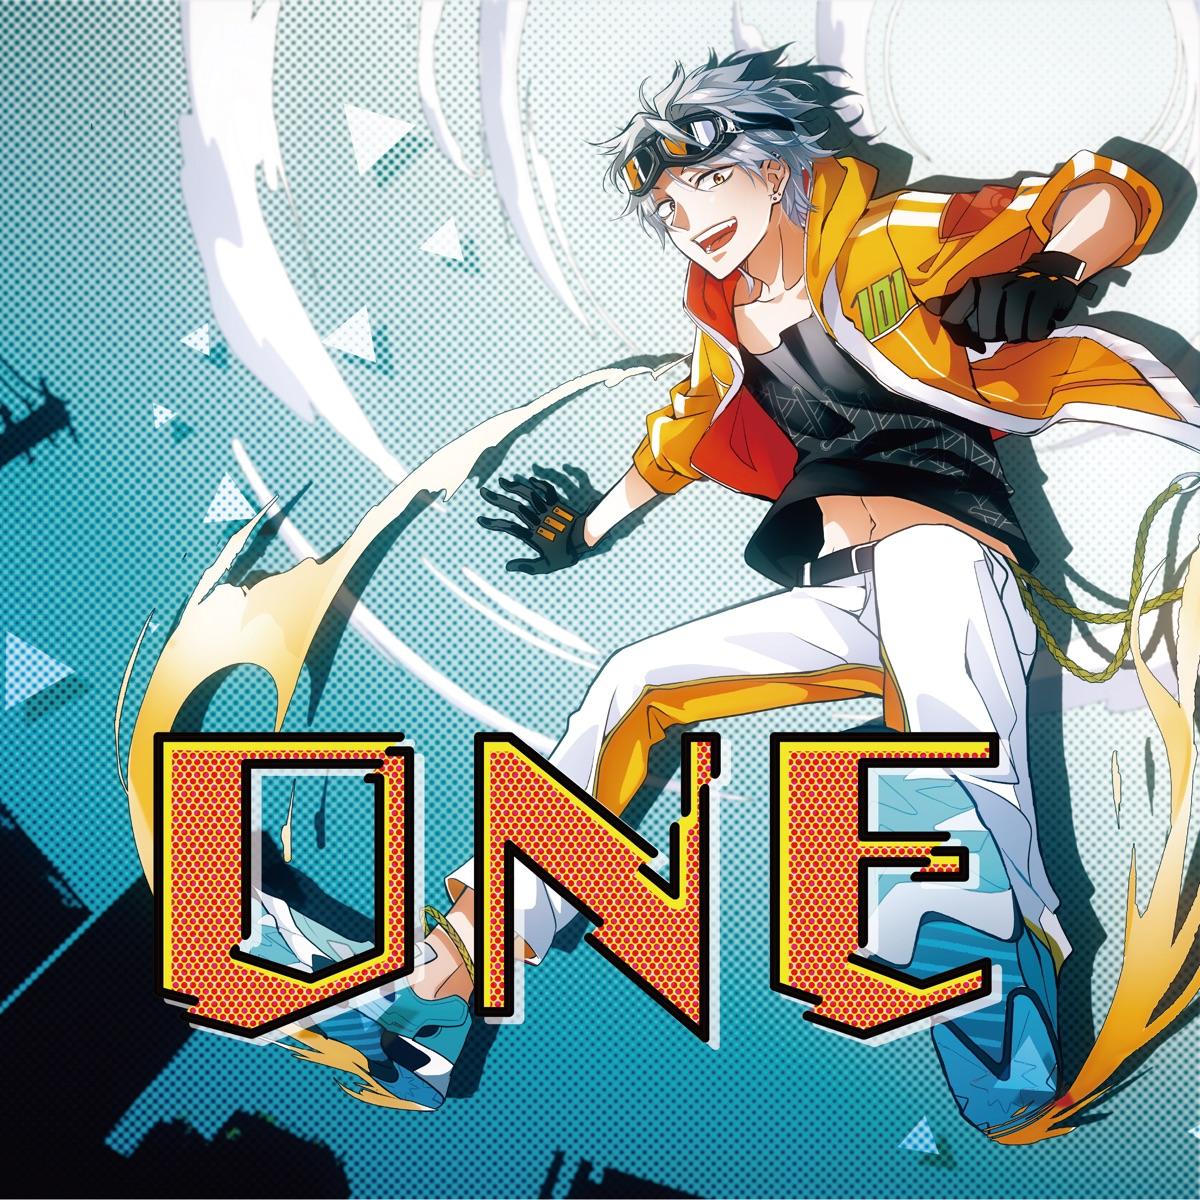 『うみくん - ONE』収録の『ONE』ジャケット